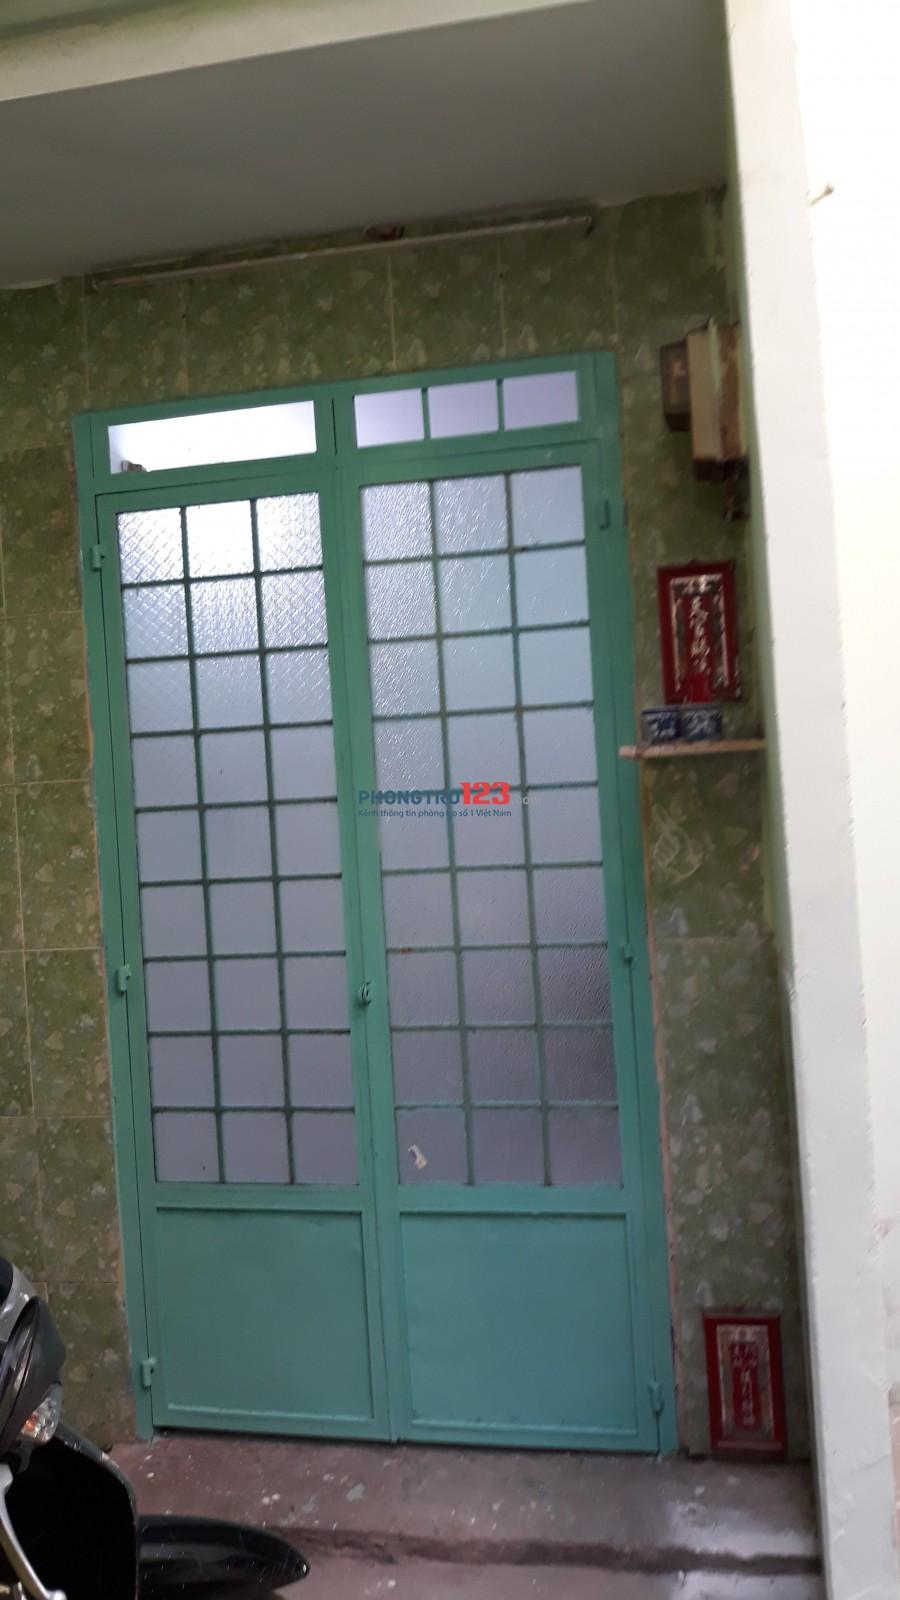 Chính chủ cho thuê nhà: Tân Hòa Đông, P14, Q6. TPHCM. Giá: 3,5triệu/tháng. LH. C.Thu :0918410614.